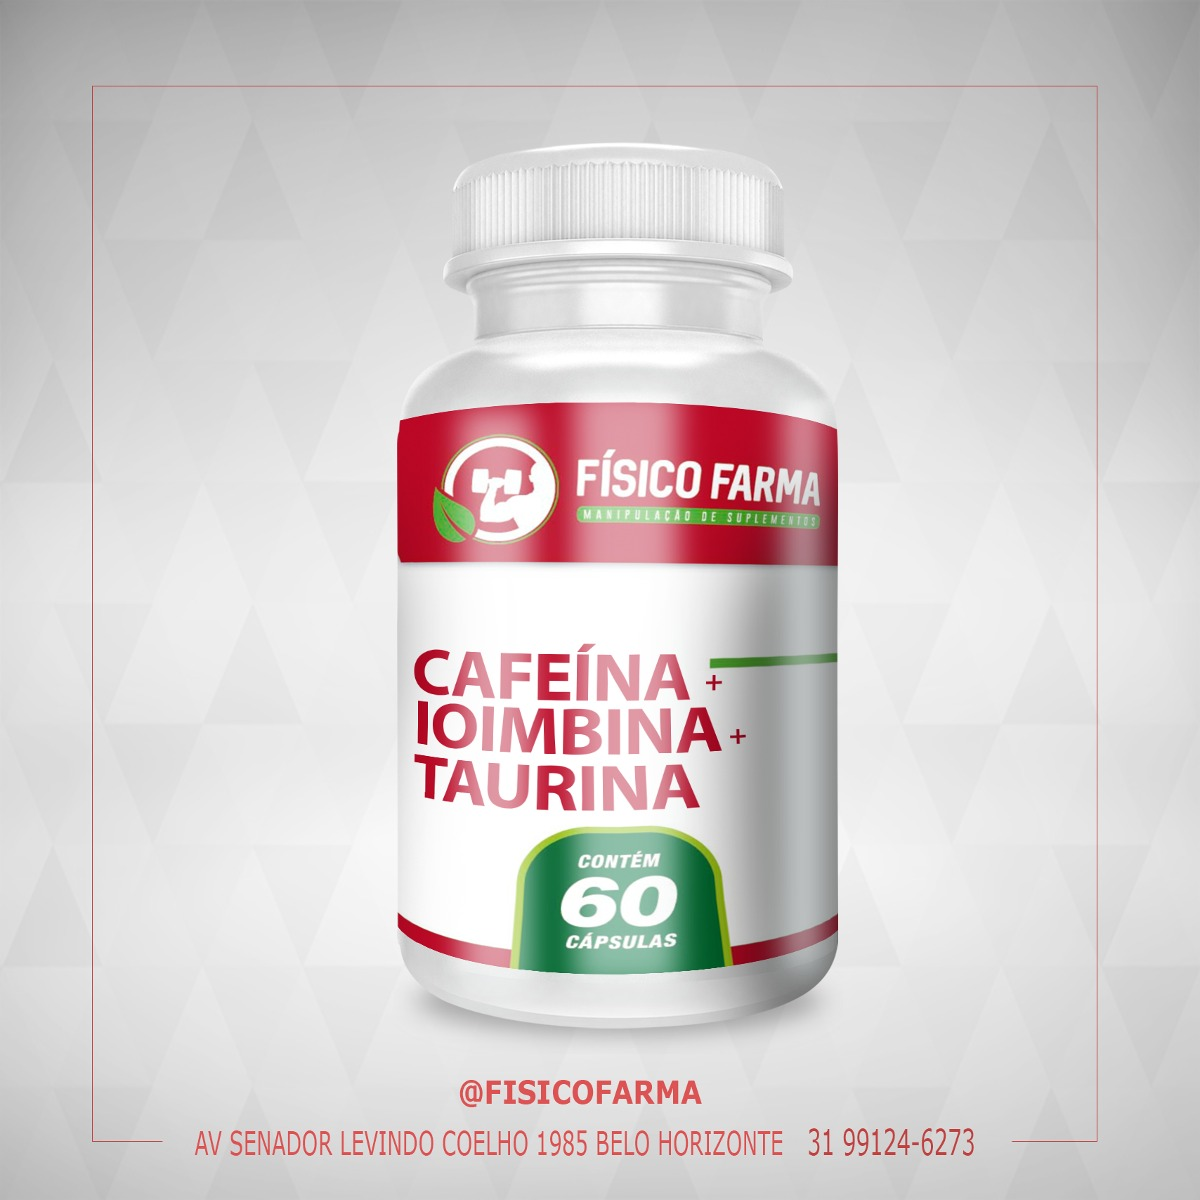 Cafeína 210mg + Ioimbina 5mg + Taurina 200mg - 60 ...